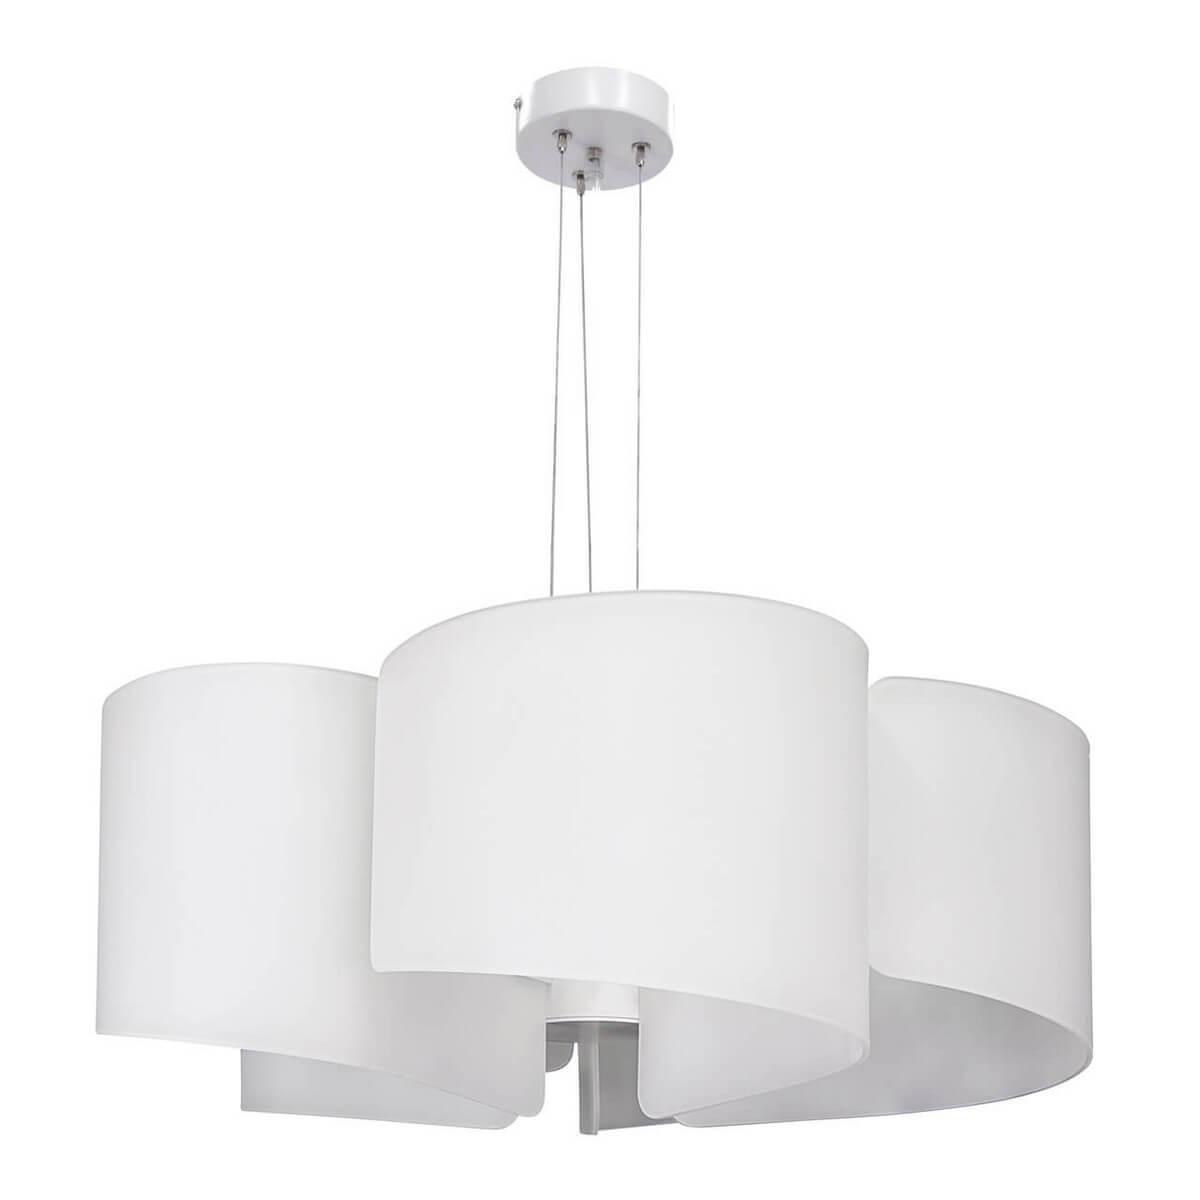 лучшая цена Подвесная люстра Lightstar Simple Light 811 811150